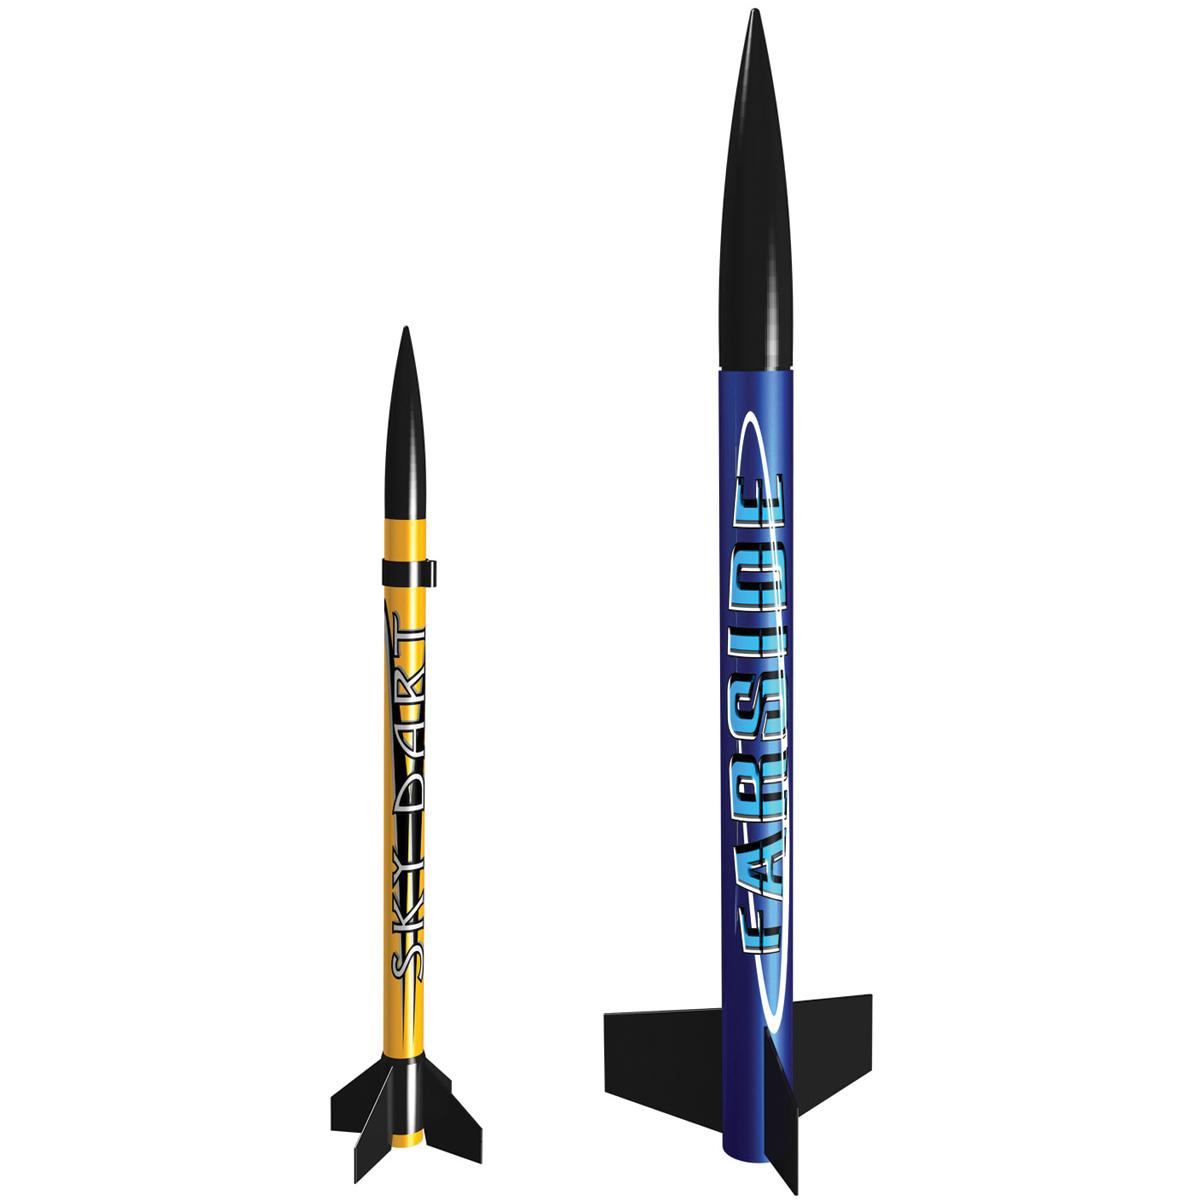 Estes Model Rocket Launch Set, Solar Scouts by Estes-Cox Corp